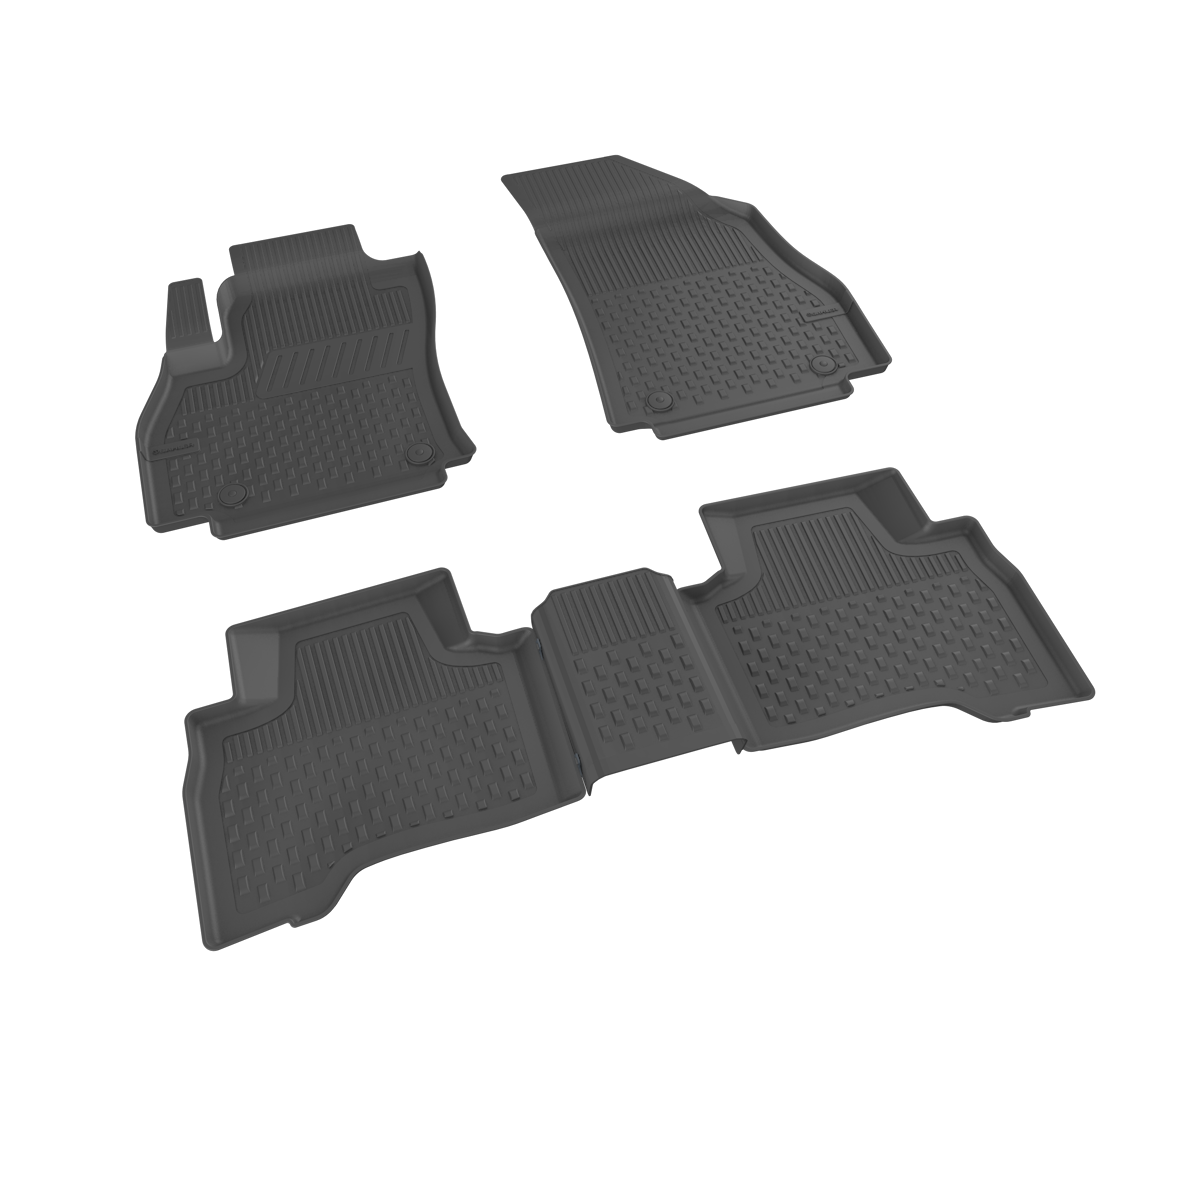 Автомобильные коврики в салон SAHLER 4D для BMW 3 series F30 2012-2019 BM-02